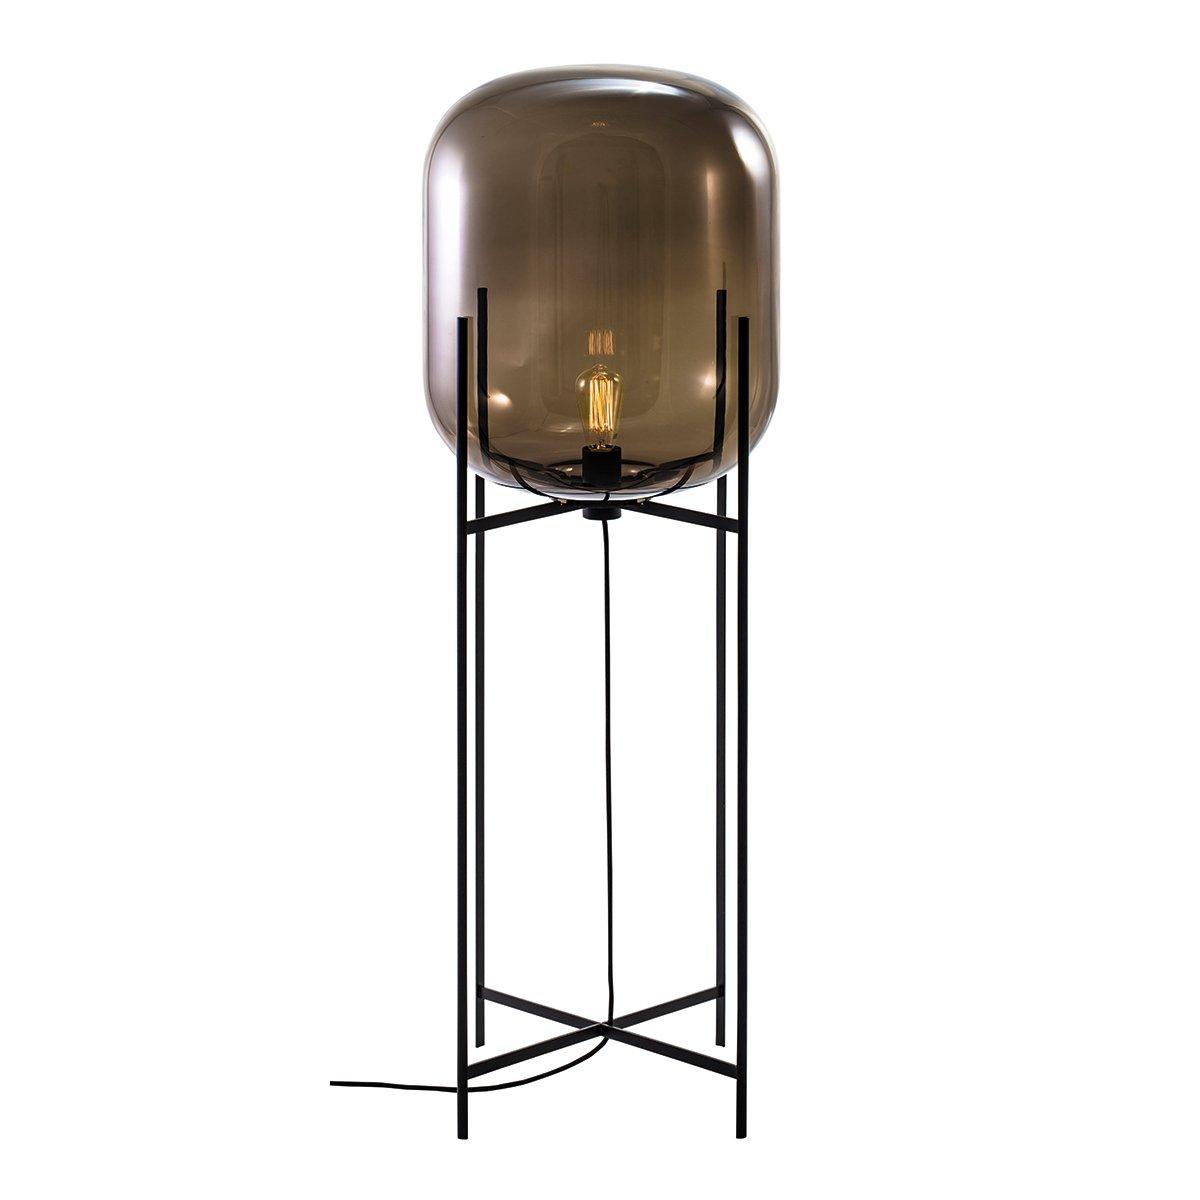 Pulpo Oda Vloerlamp Large (2014) - Smoke Grey / Zwart